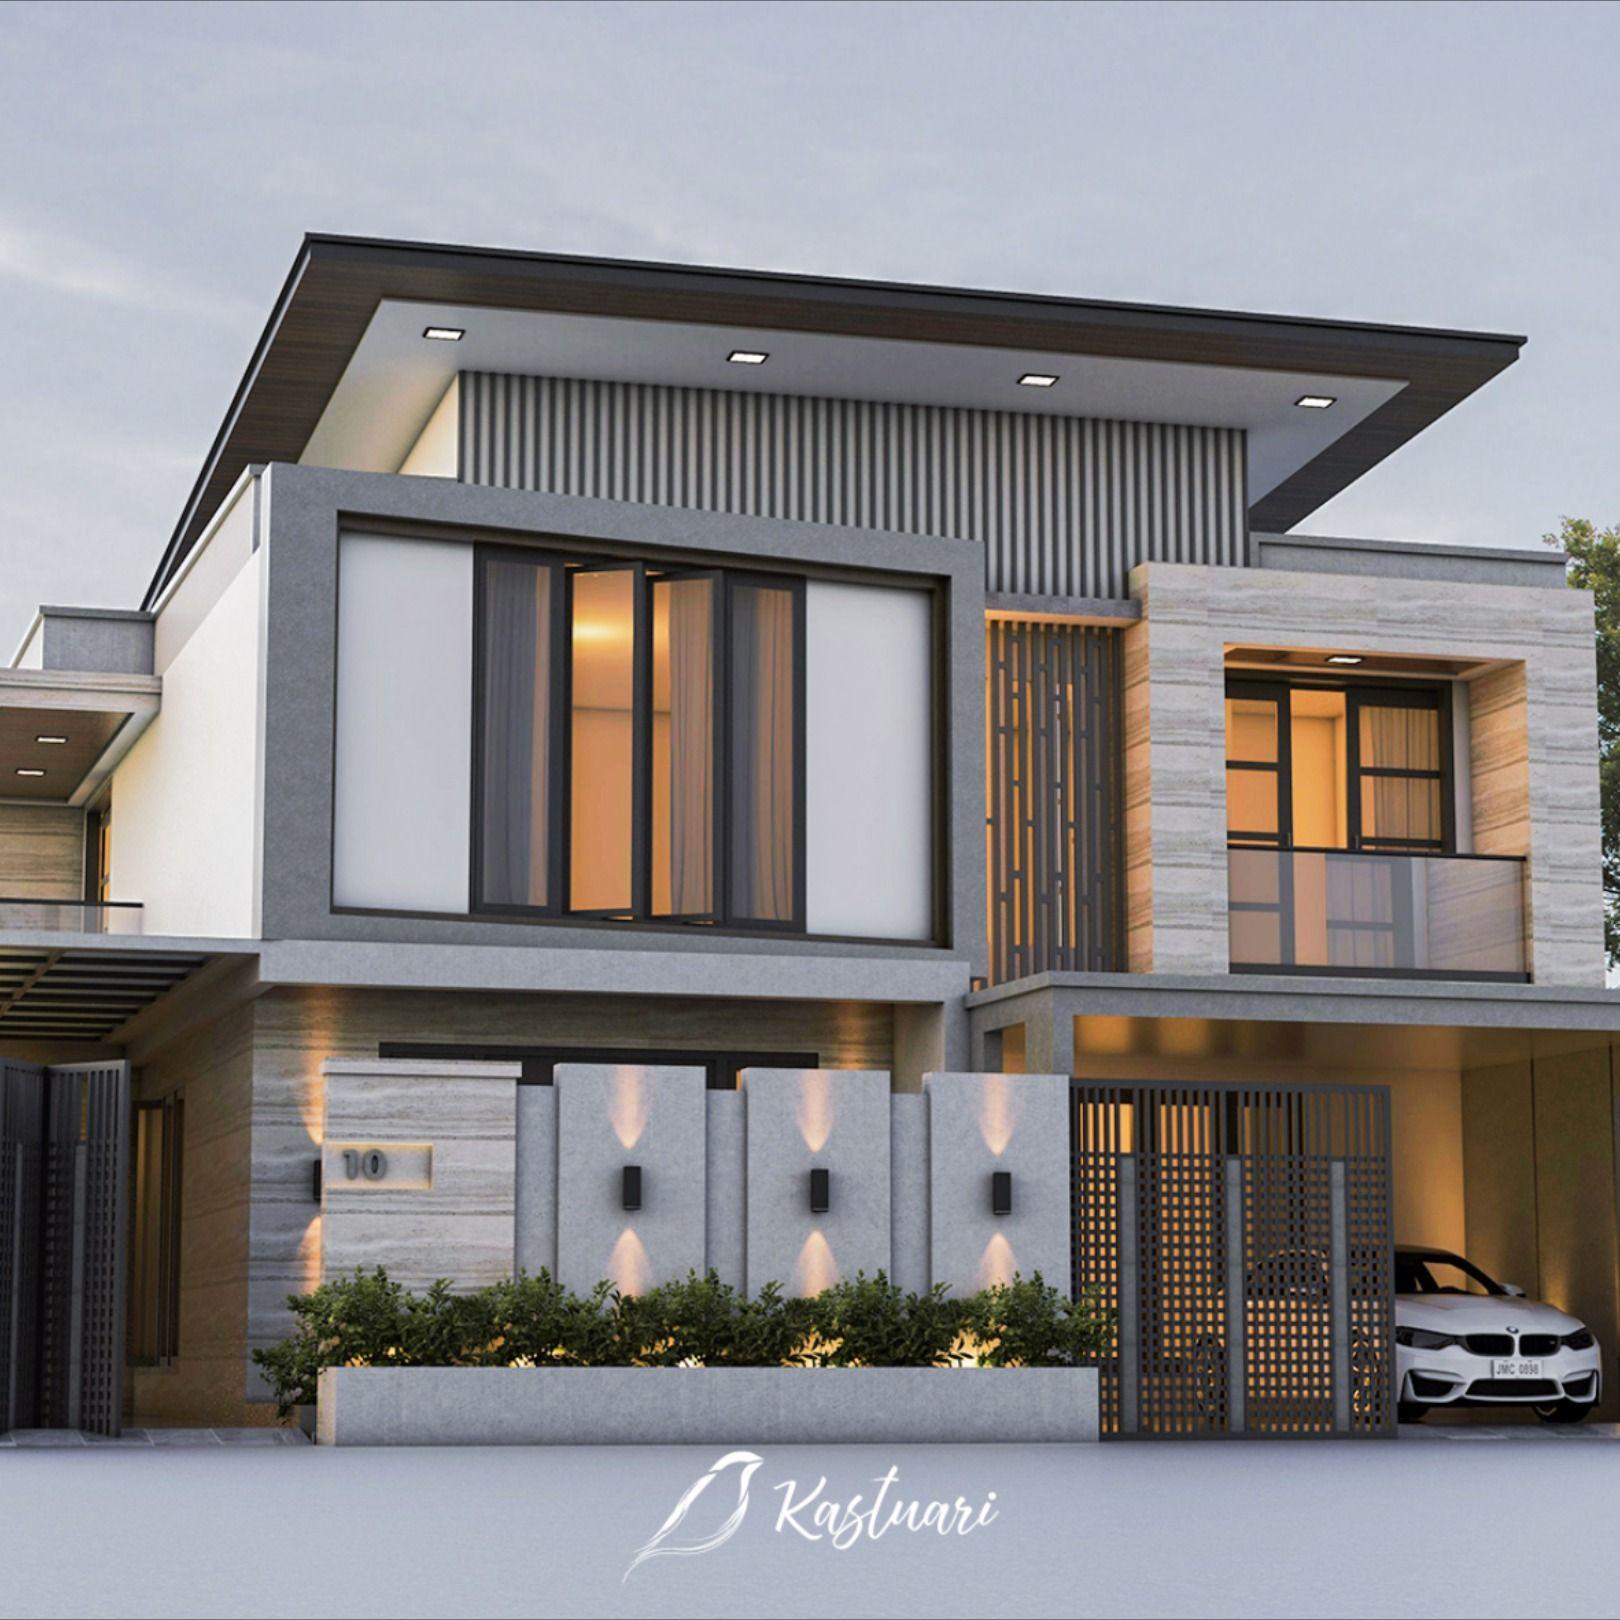 Project Desain Rumah Tinggal Pondok Indah Desain Rumah Rumah Arsitek